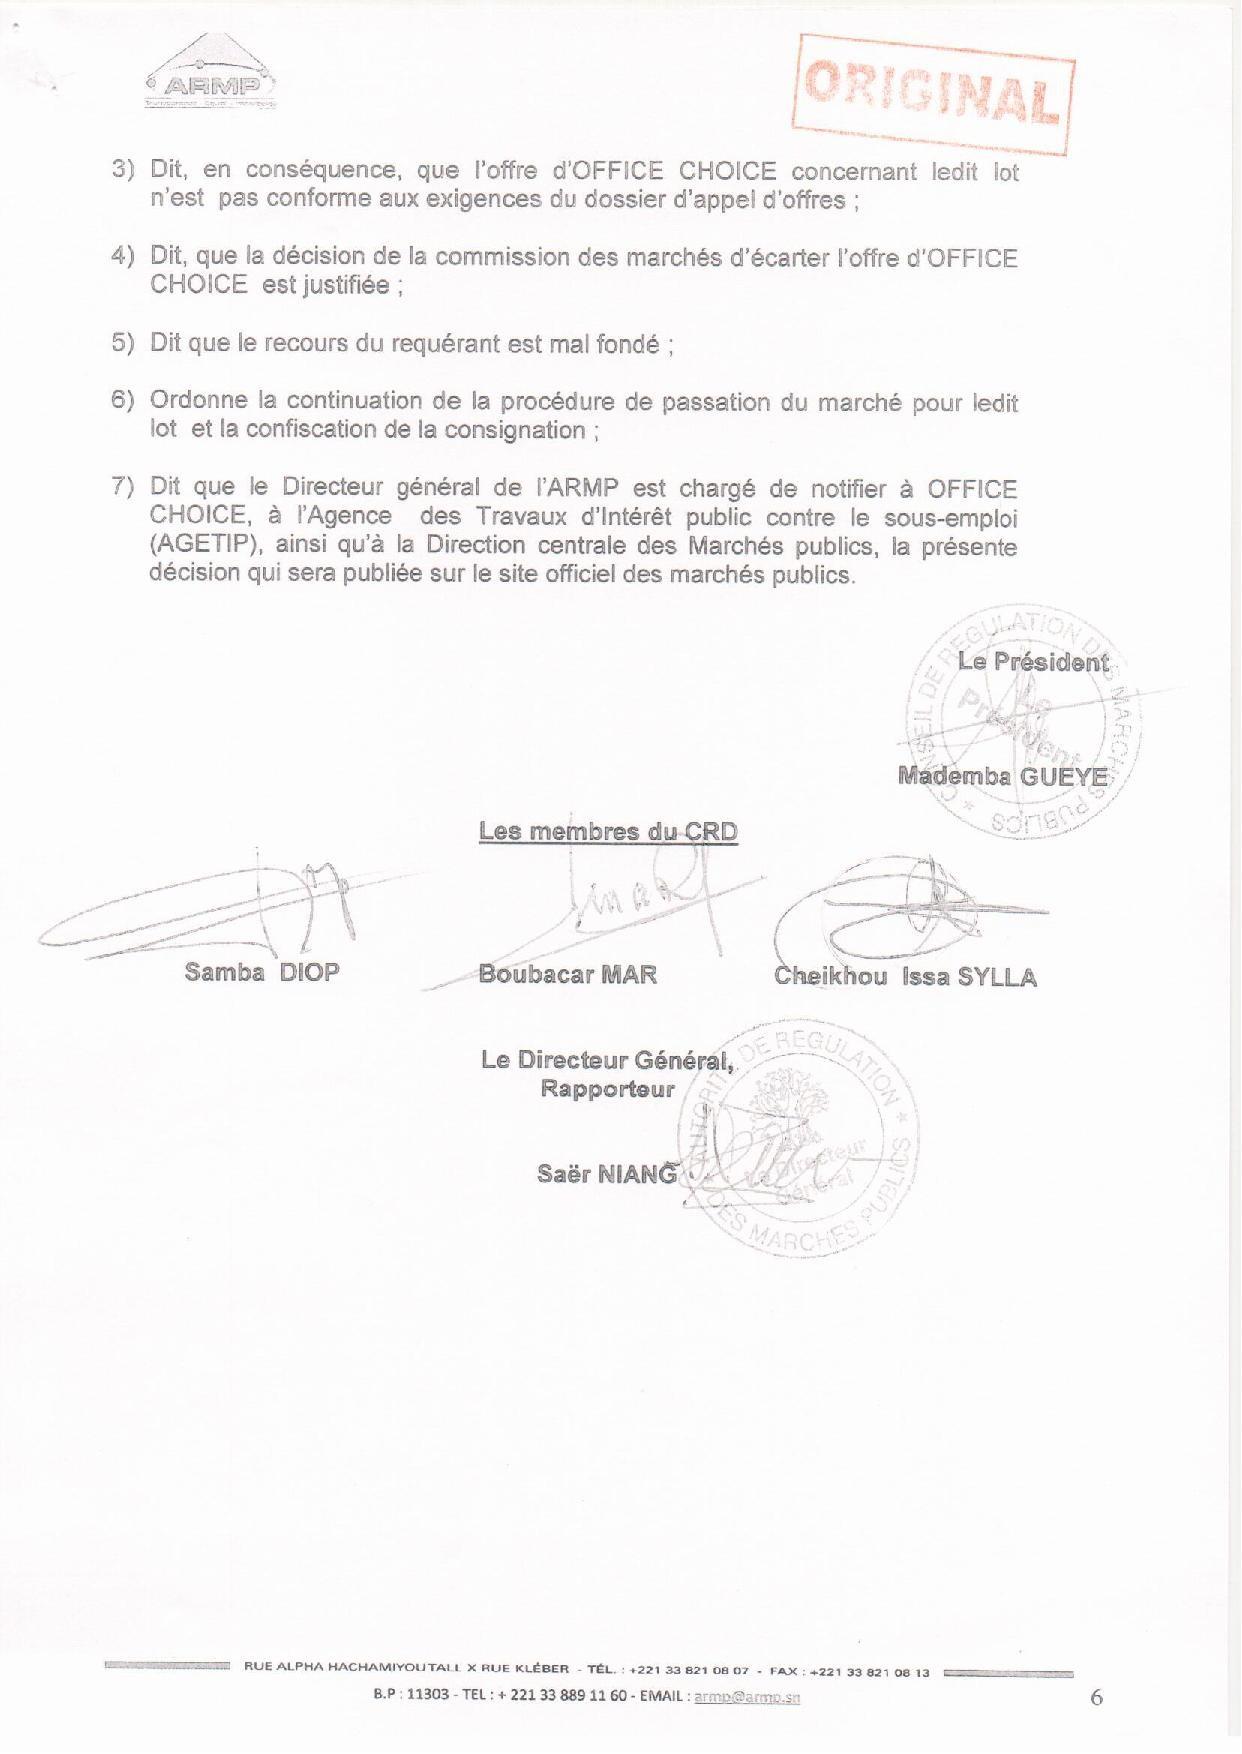 Exclusif : AGETIP Office Choice,  L'ARMP a tranché l'appel d'offres relatif à l'équipement de 17 collèges de Dakar